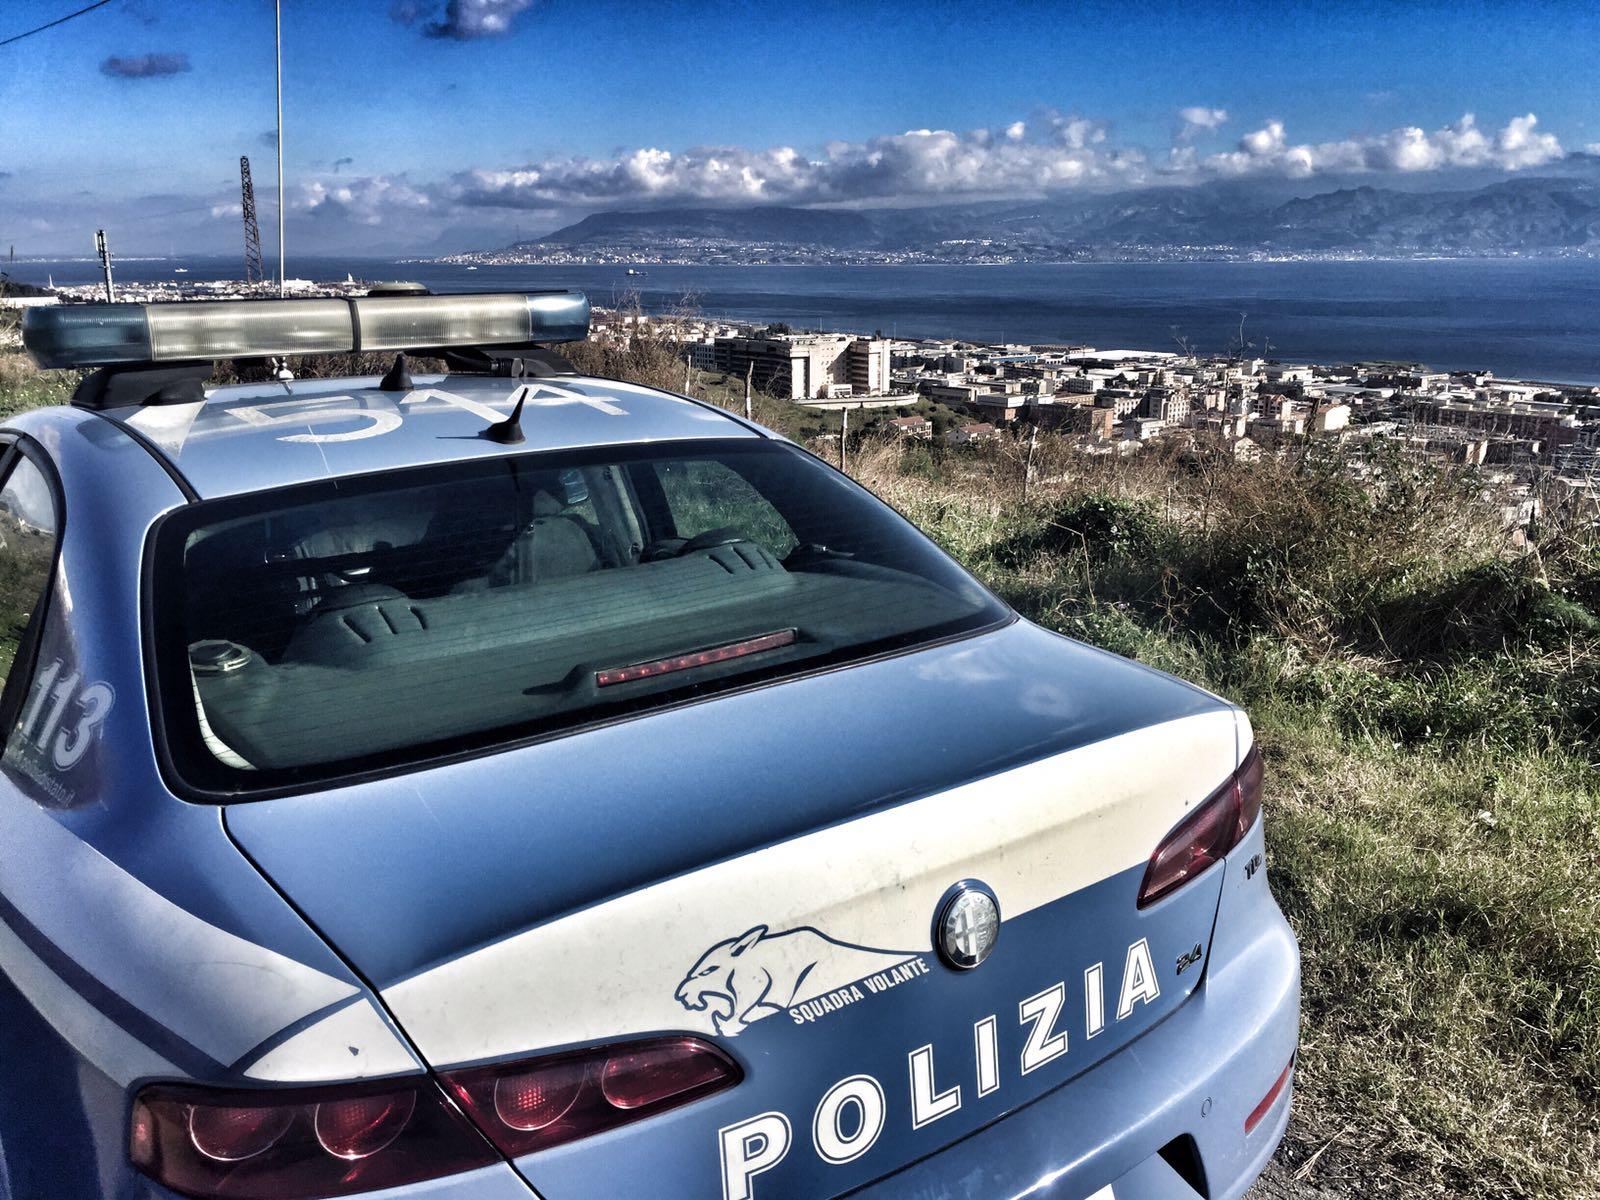 Polizia di stato questure sul web messina for Polizia di stato torino permesso di soggiorno